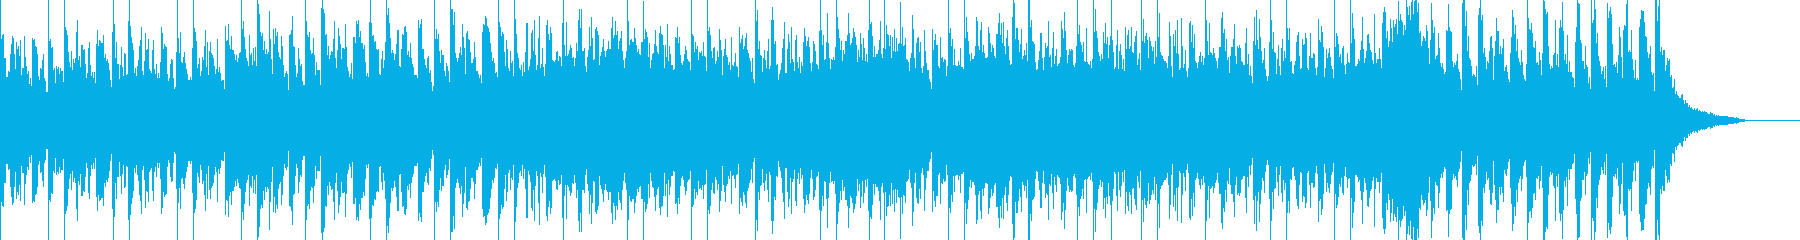 ゲームのラストバトルのような曲の再生済みの波形